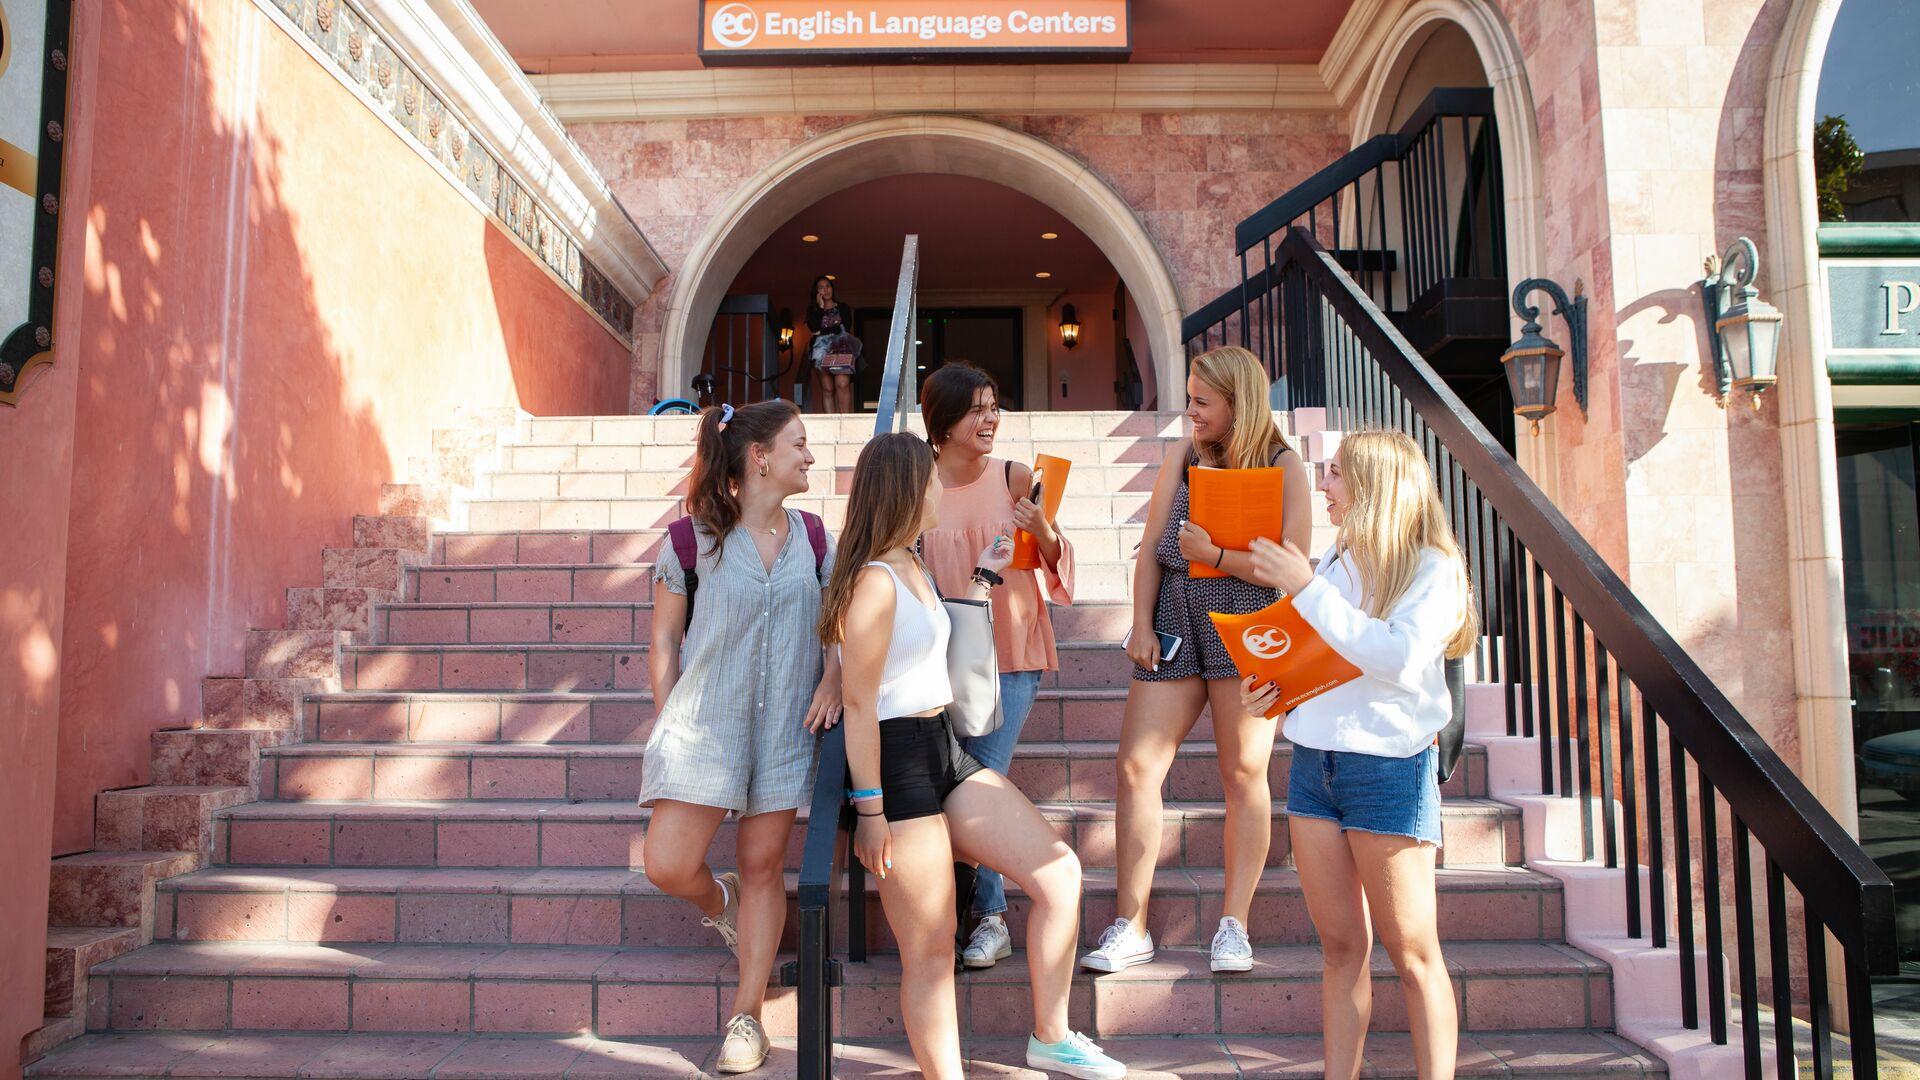 Séjour linguistique États-Unis, San Diego - EC - École